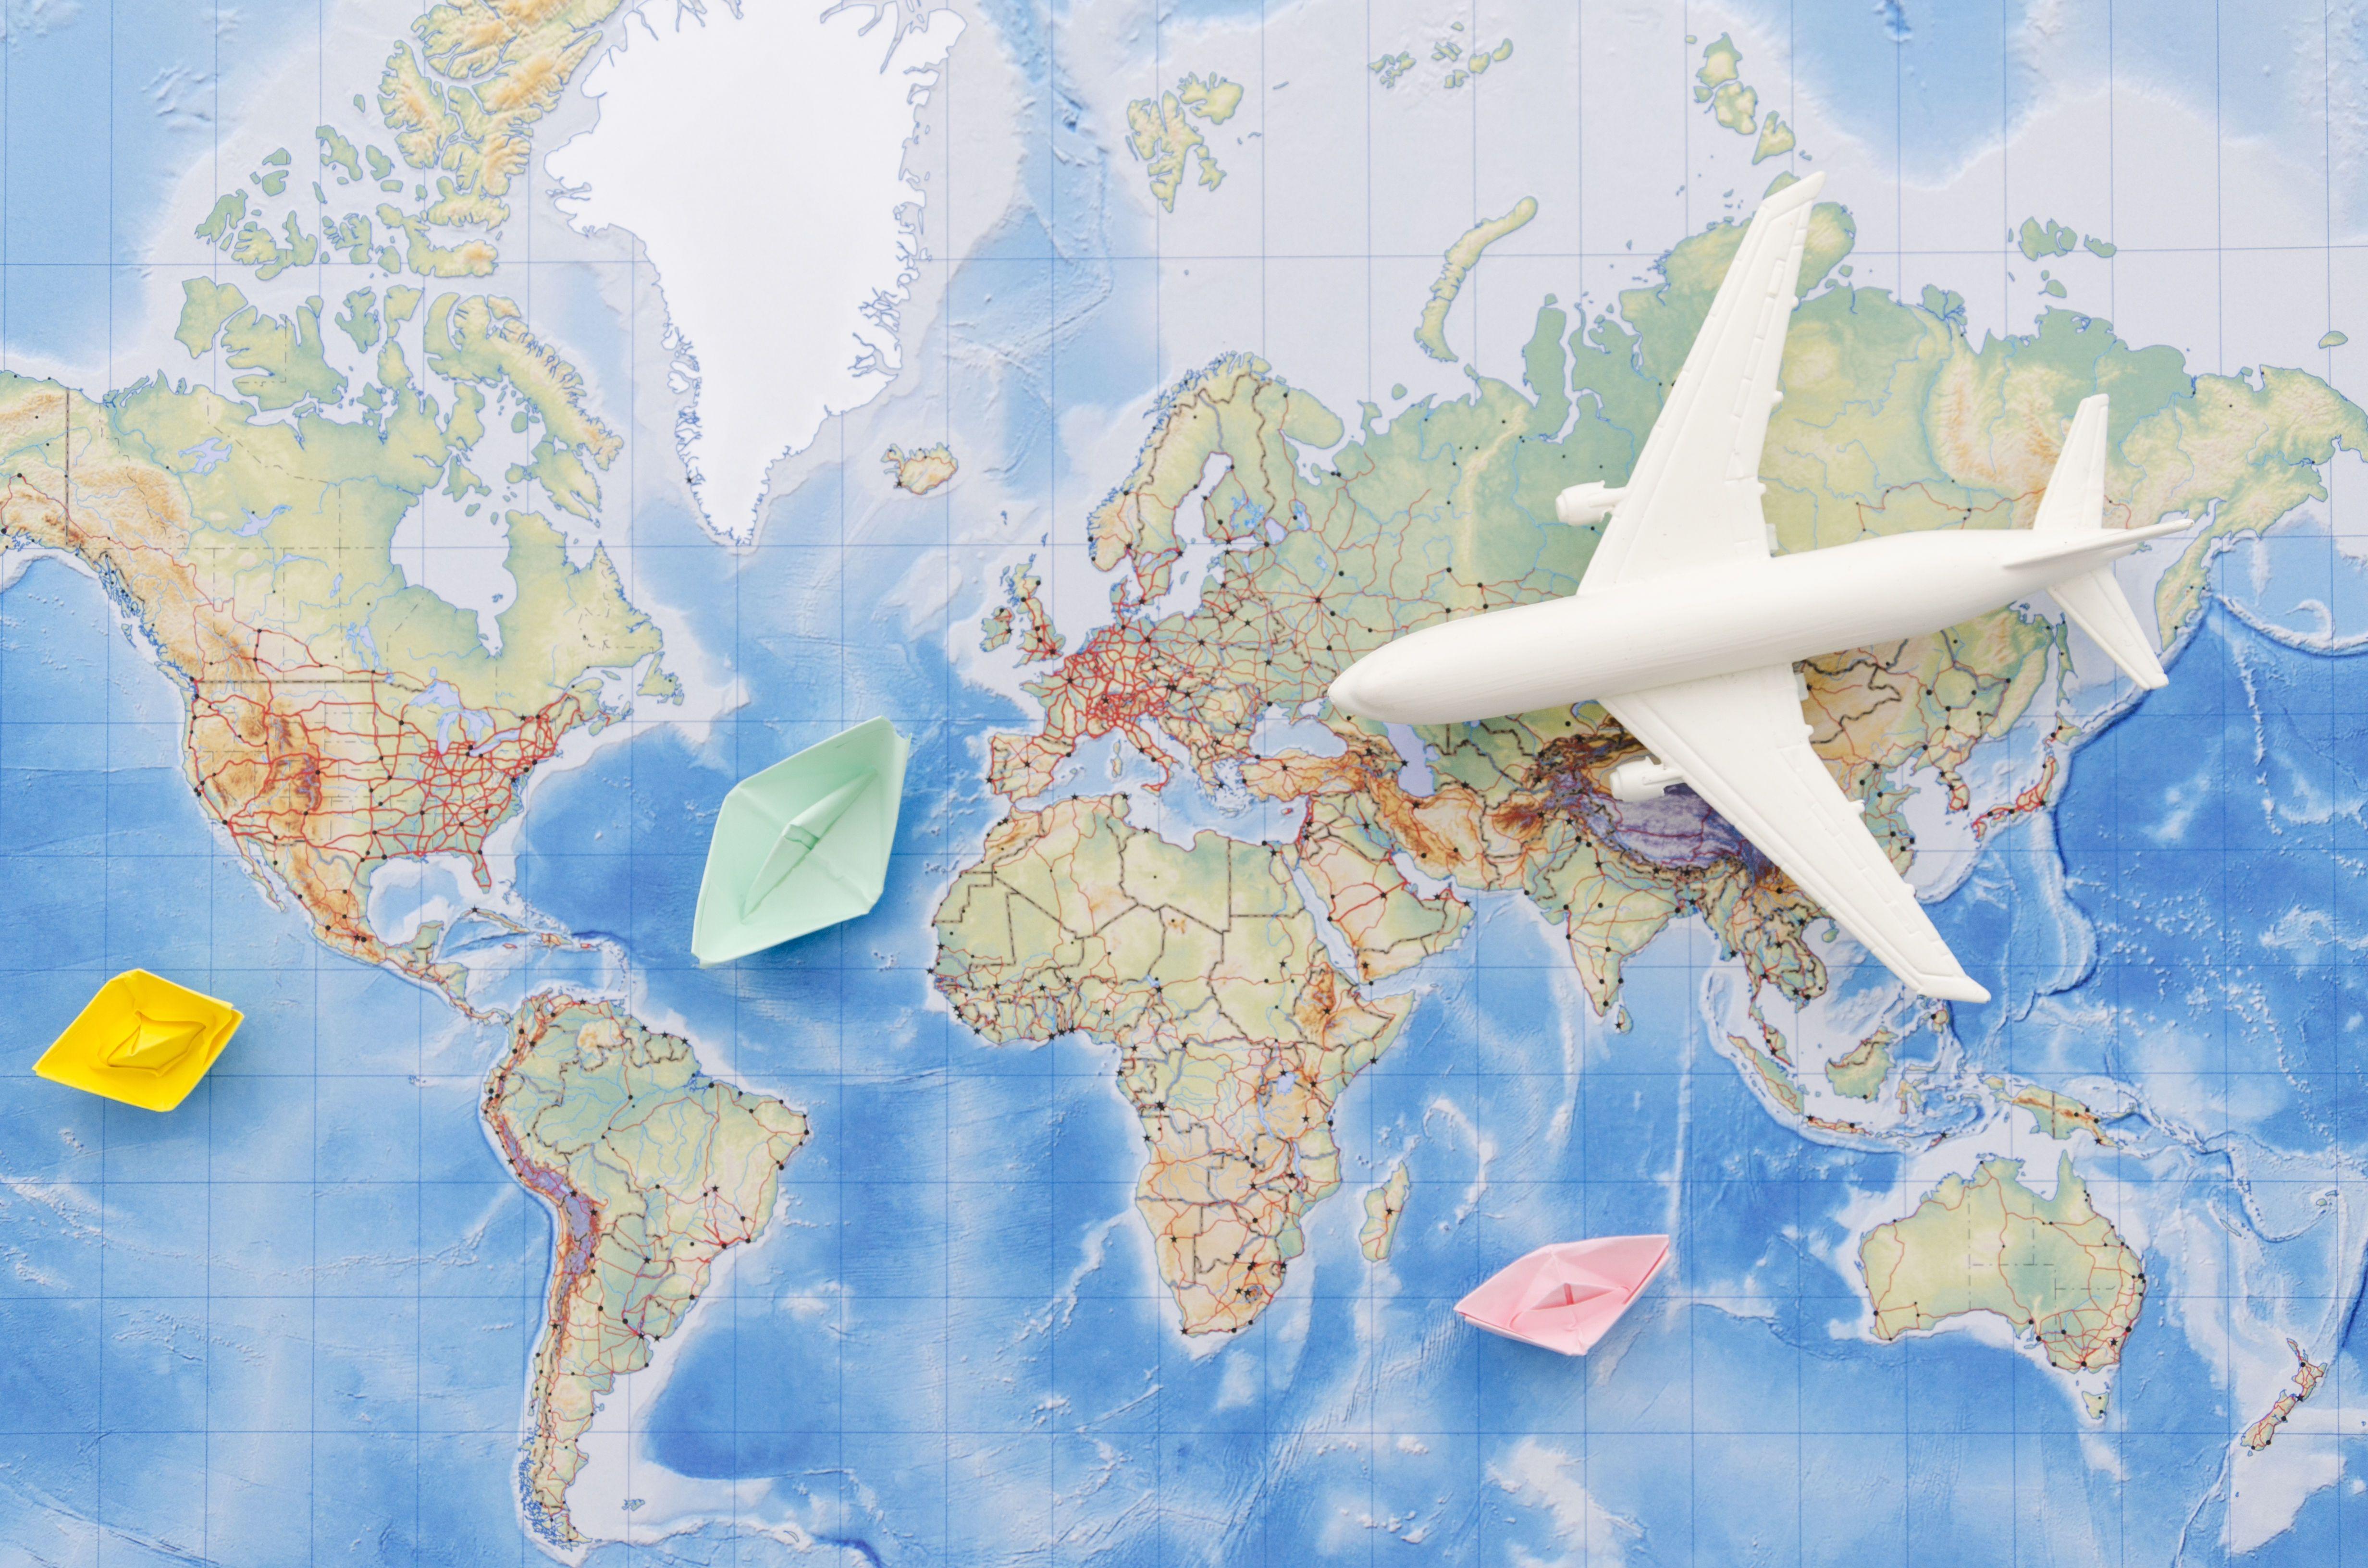 Літак, карта